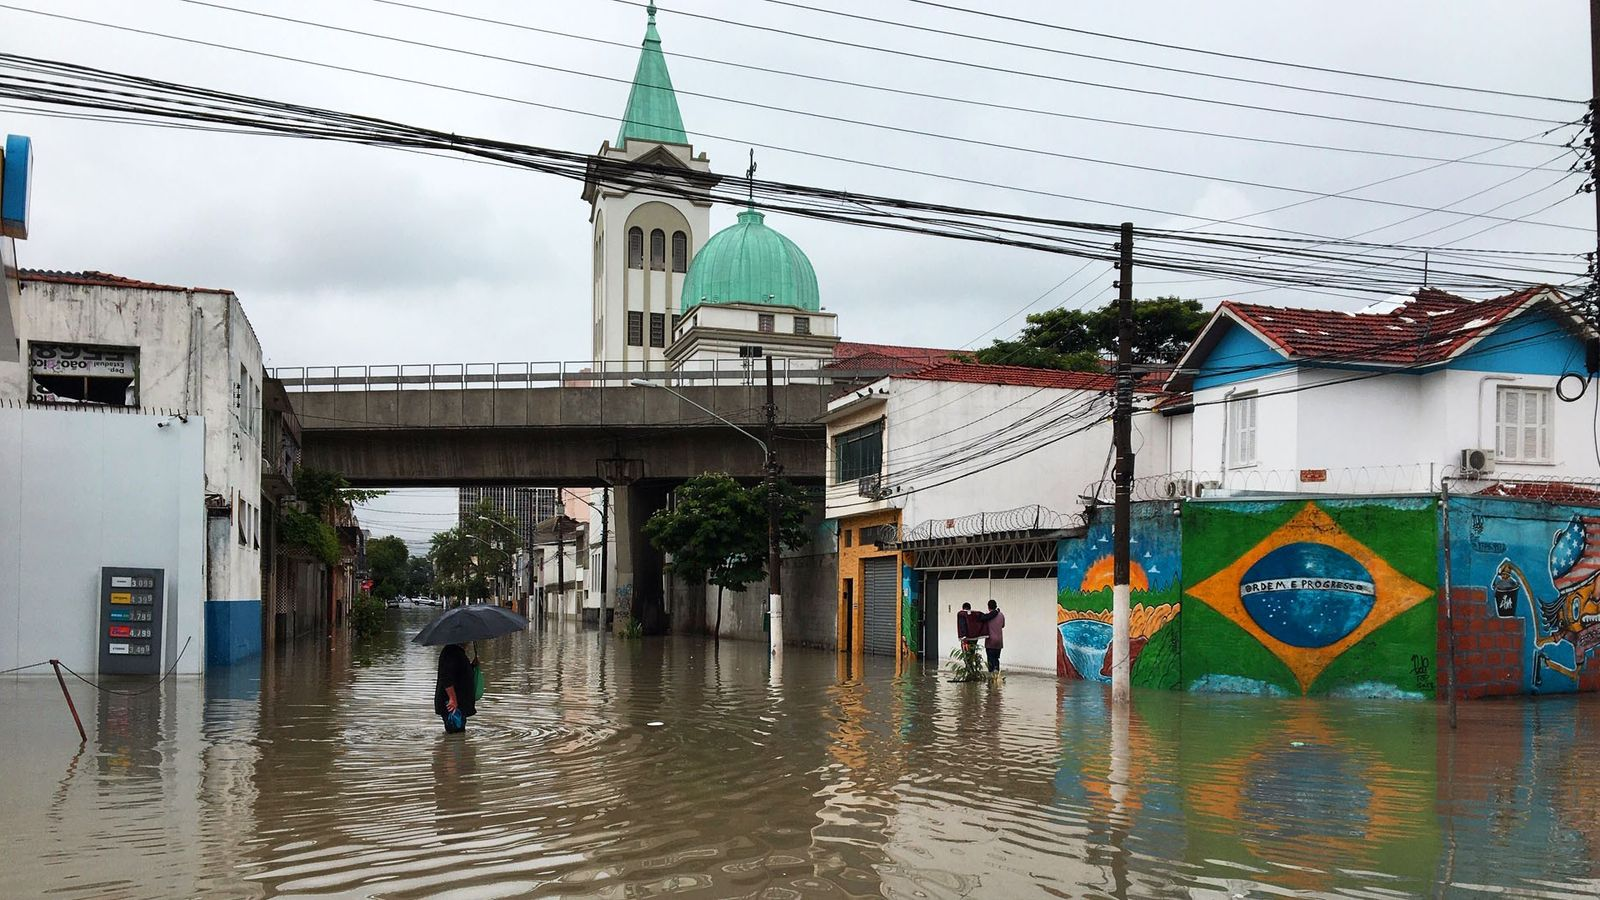 Bairros próximos ao rio Tietê ficaram alagados depois de temporal que atingiu cidade de São Paulo ...